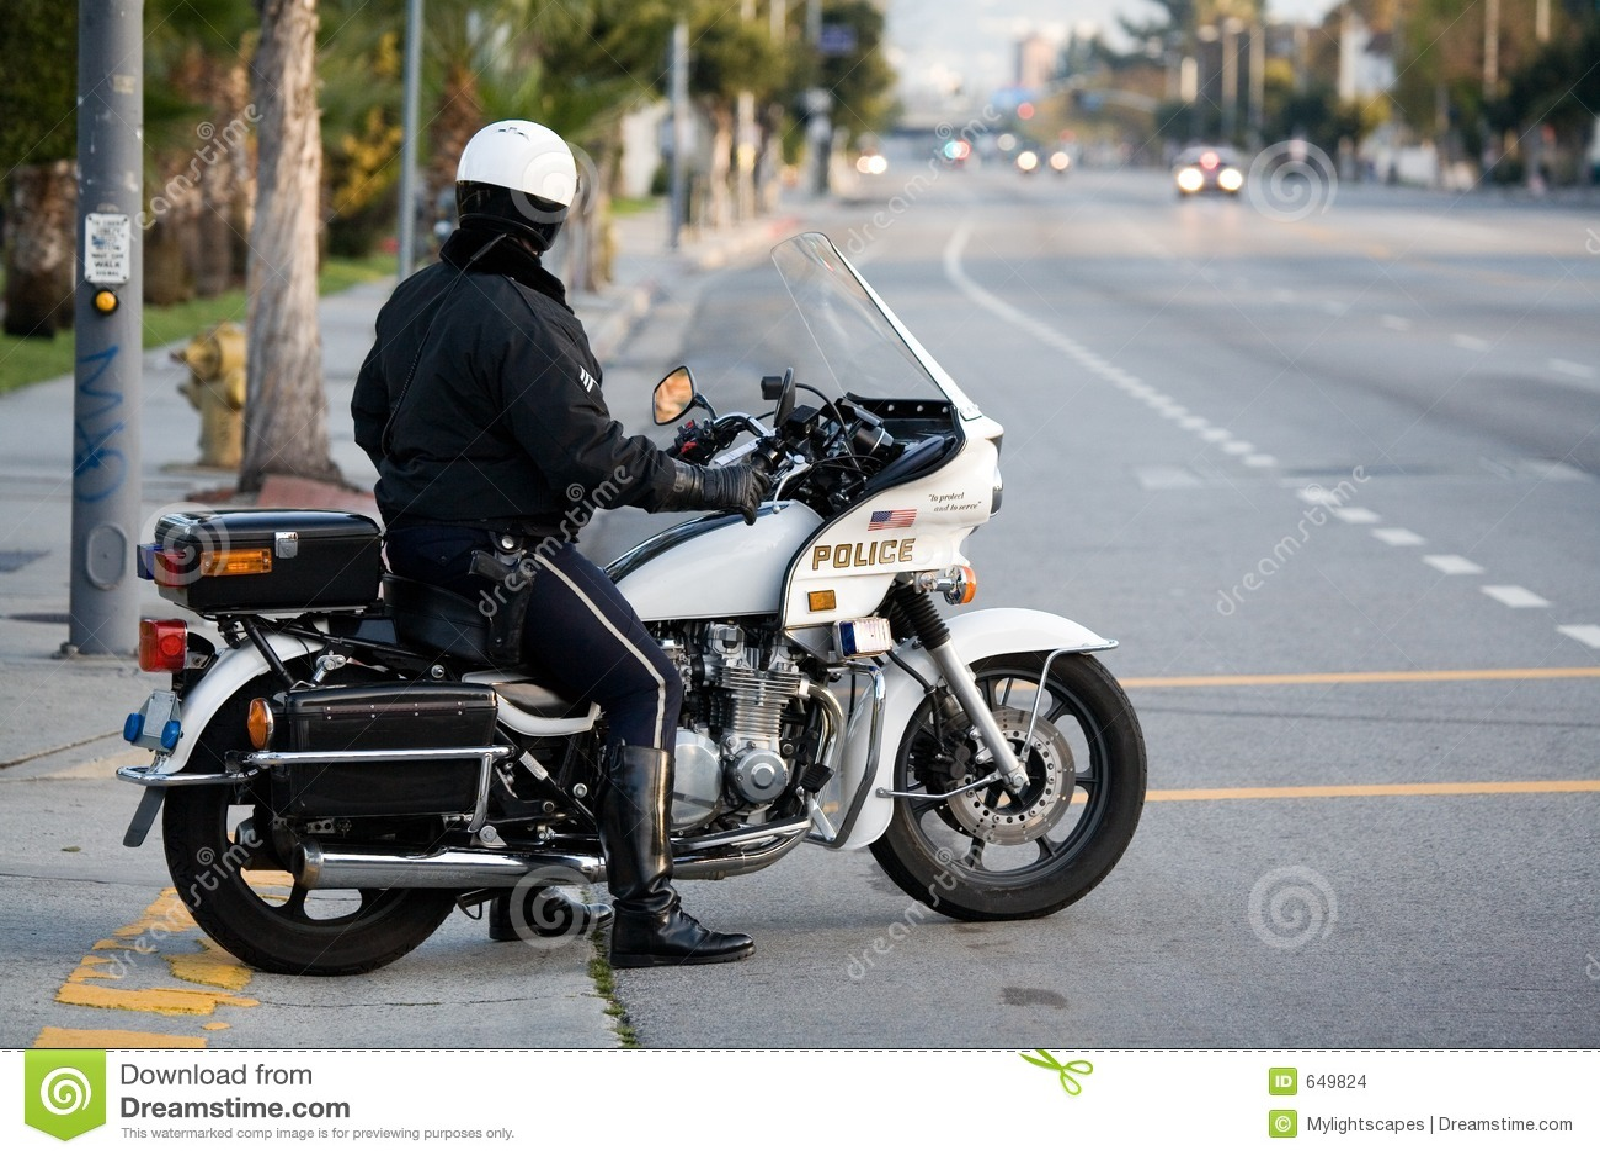 Polizist auf einem Polizeimotorrad